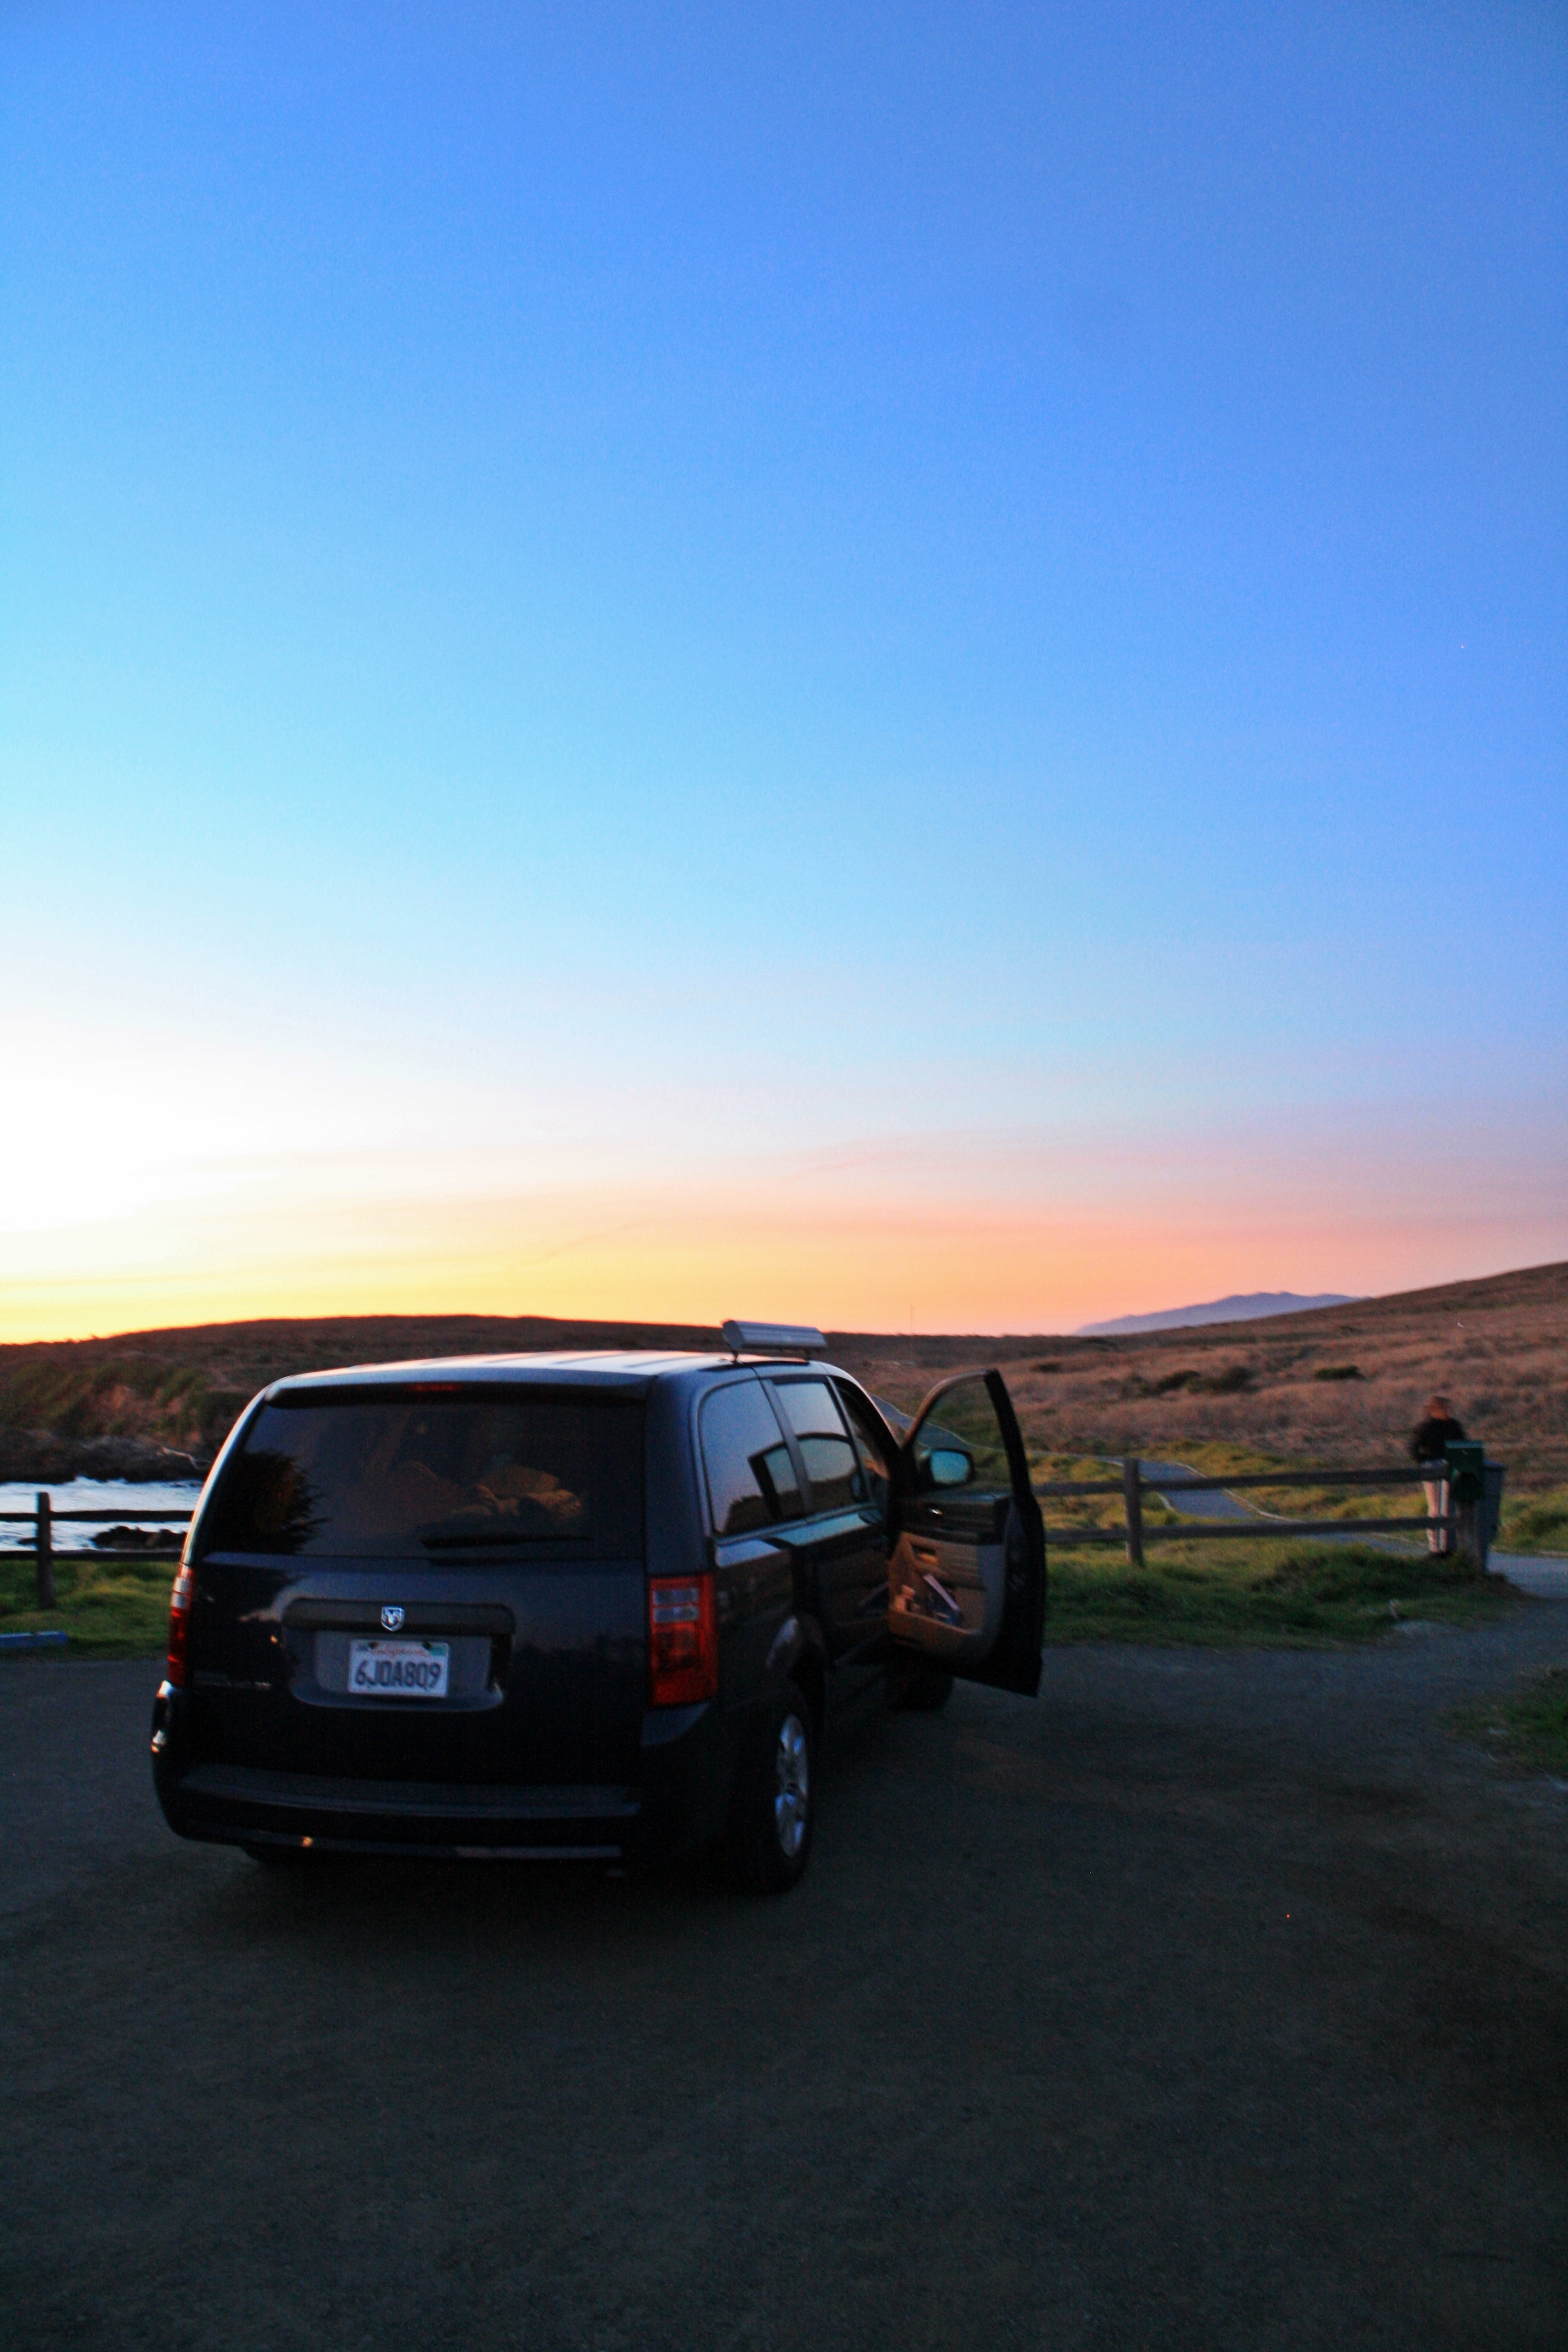 Lost Campers Campervan and Passenger Van Rental image 2